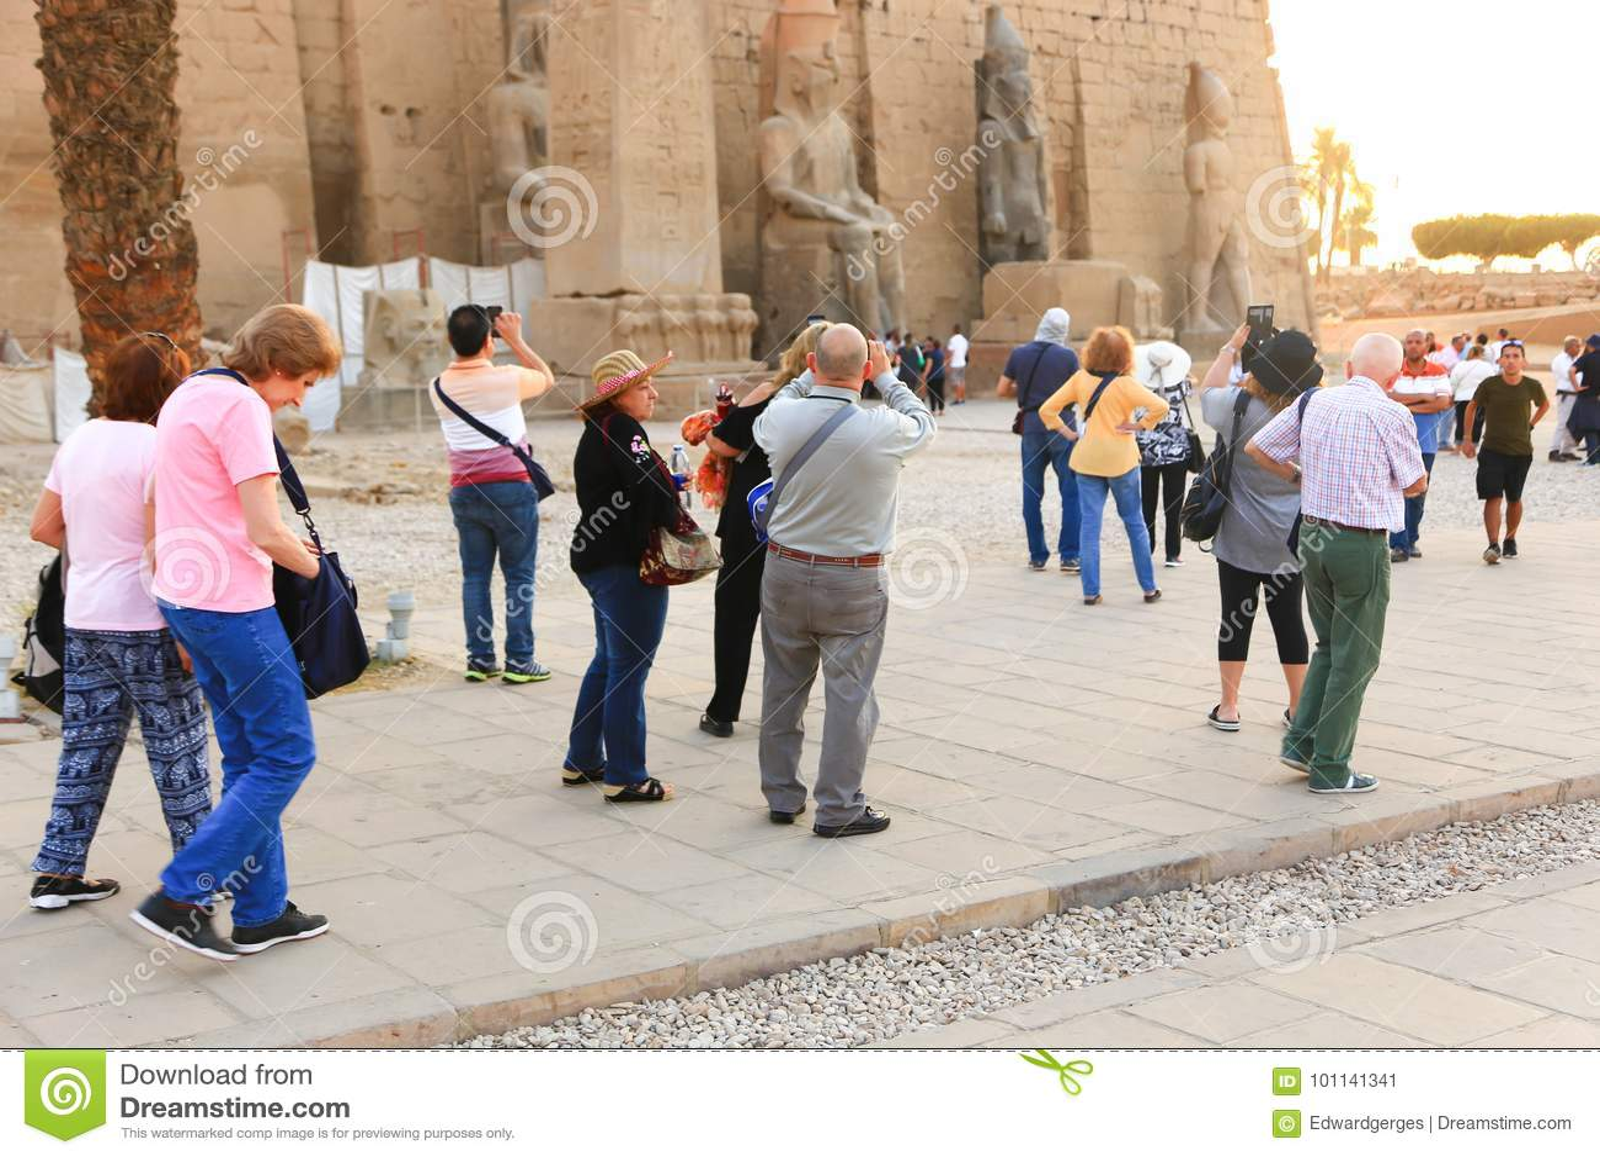 Turysta przy świątynią Luxor, Egipt -